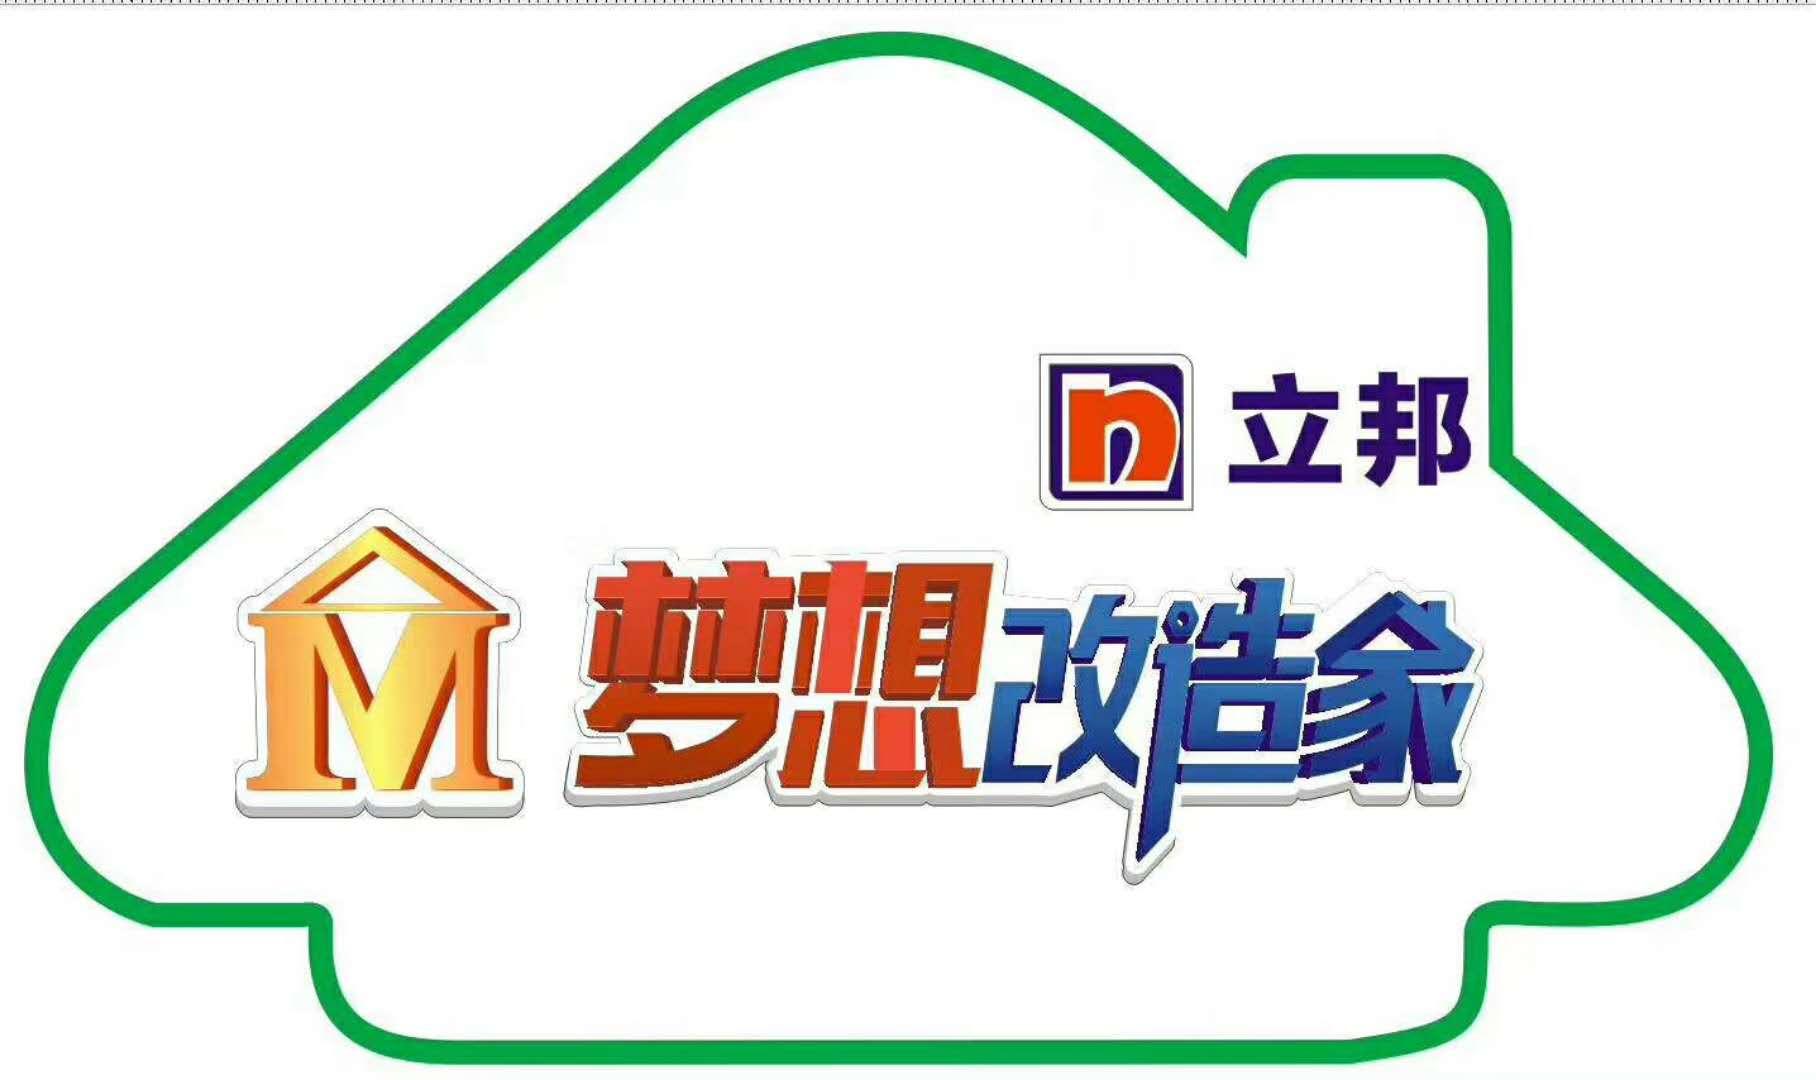 陕西梦想改造家装饰工程有限公司